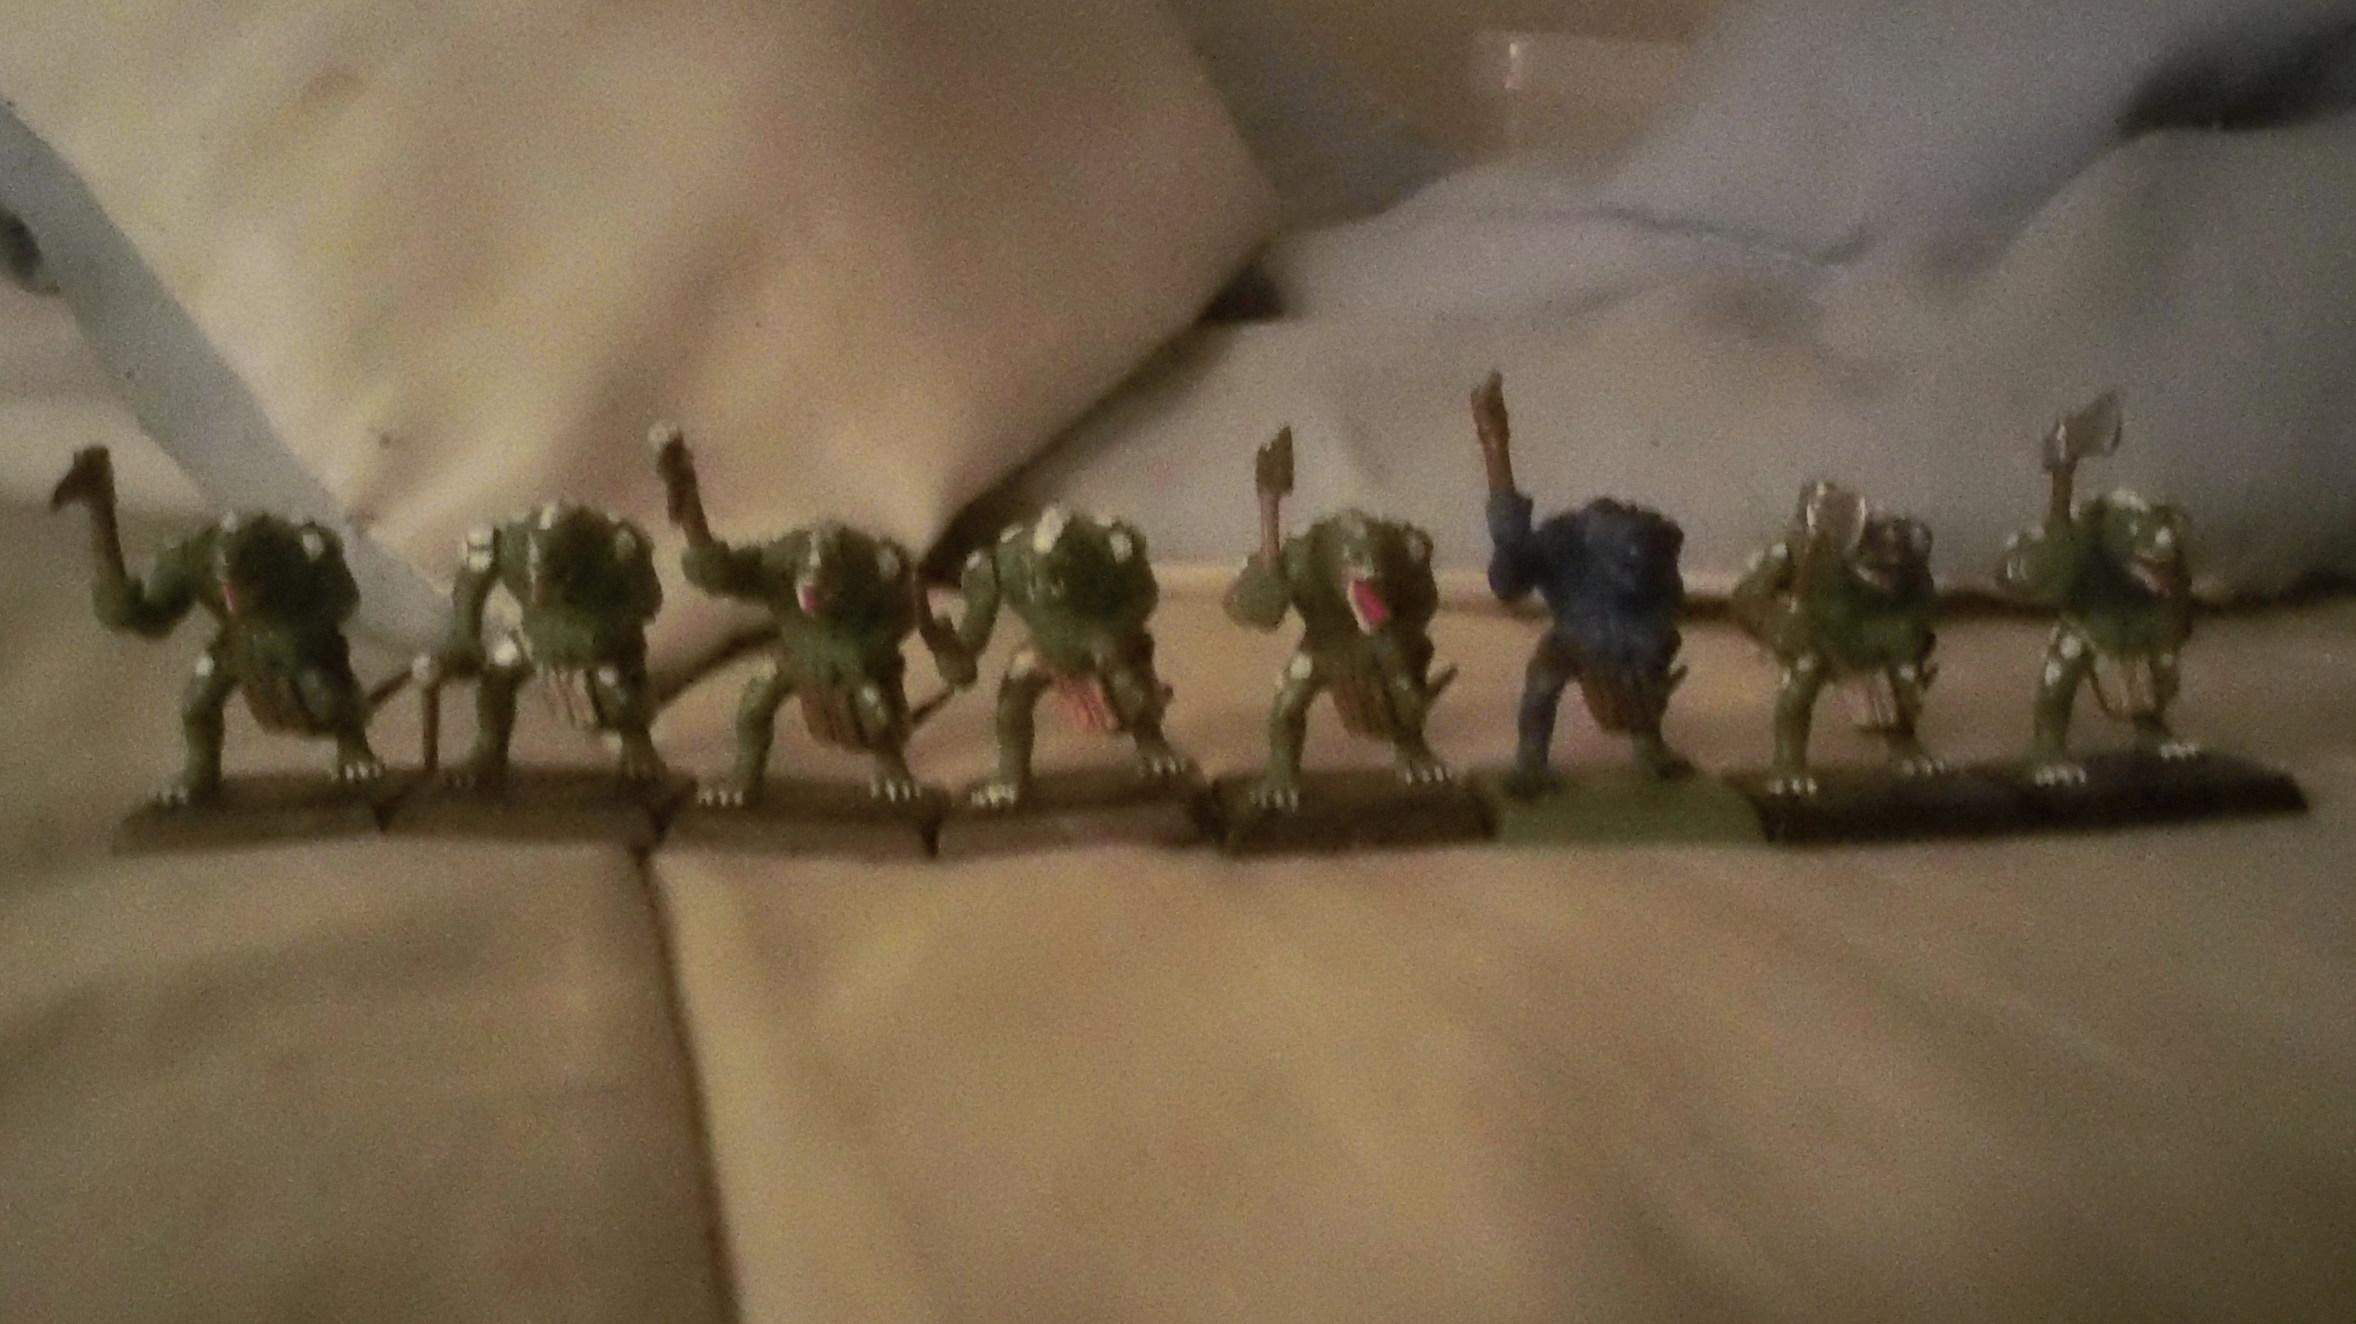 Back in the day Lizardmen!!!